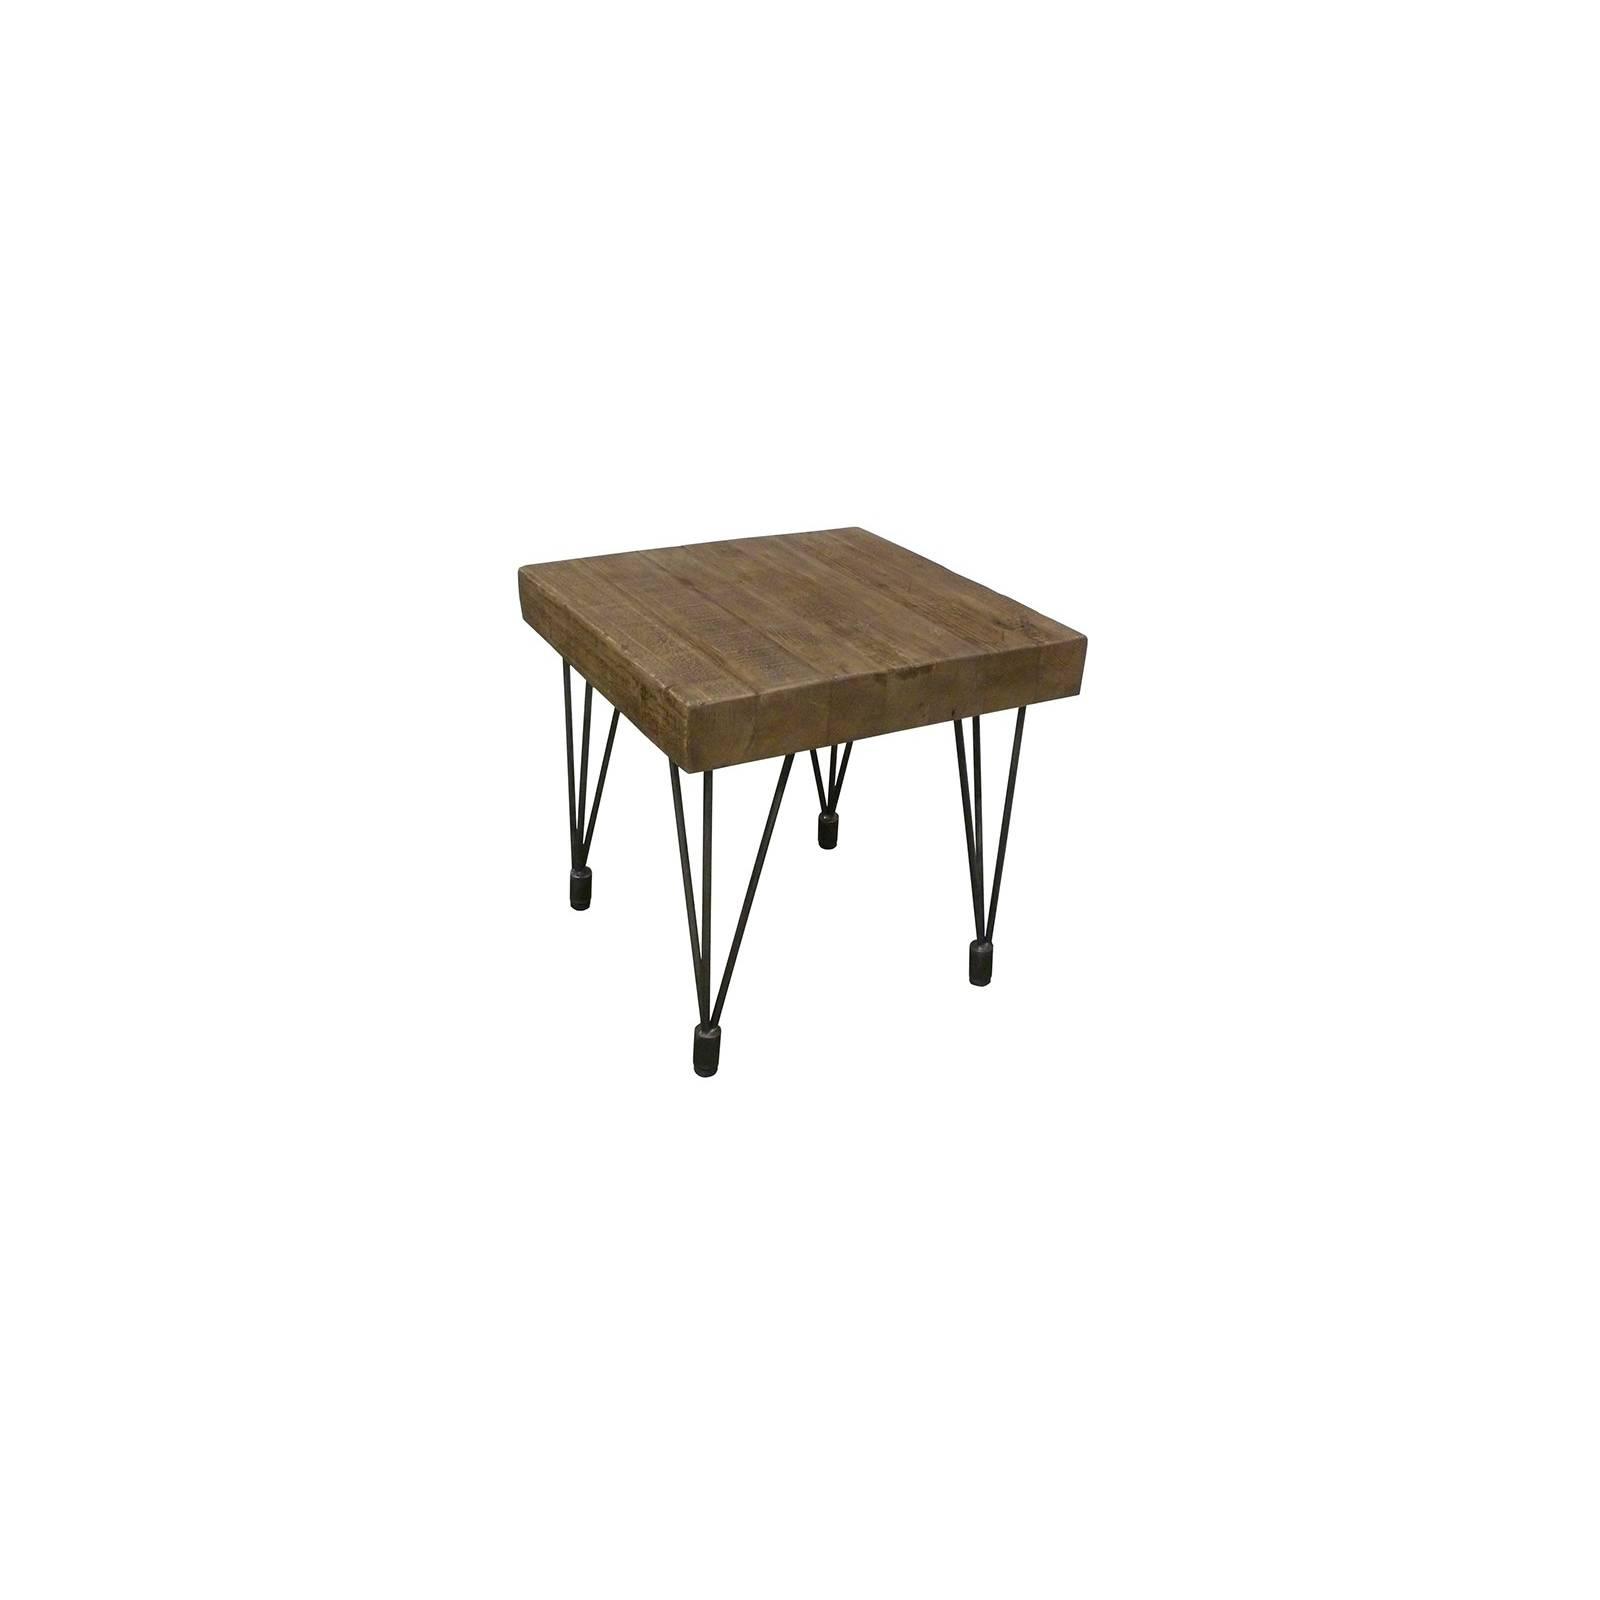 Bout De Canapé Carré Victor Pin - meuble style rétro